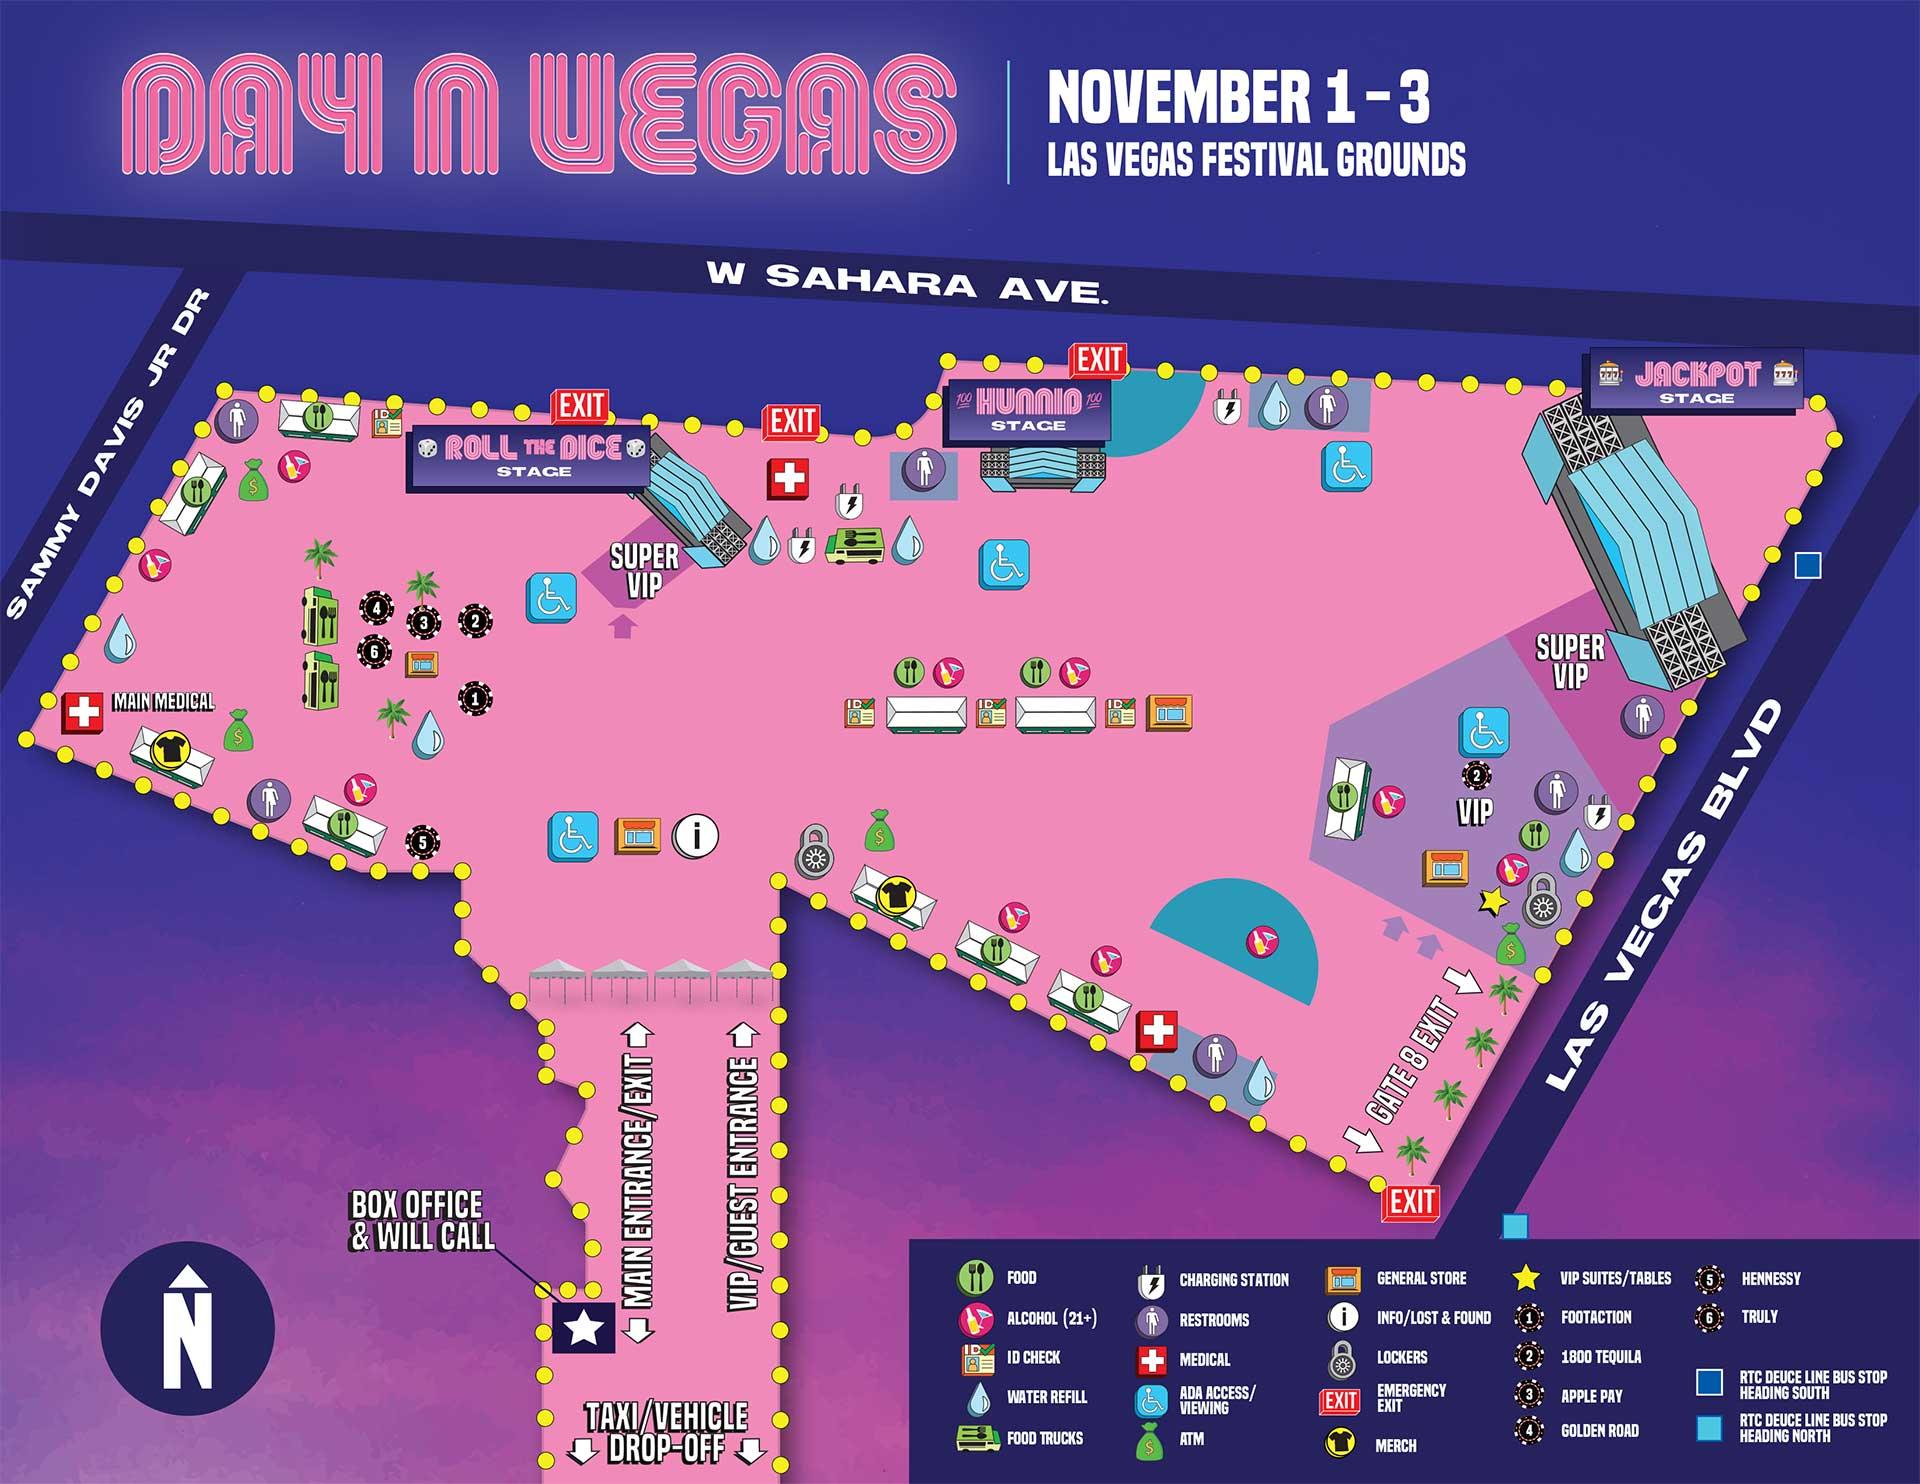 Day N Vegas 2019 map